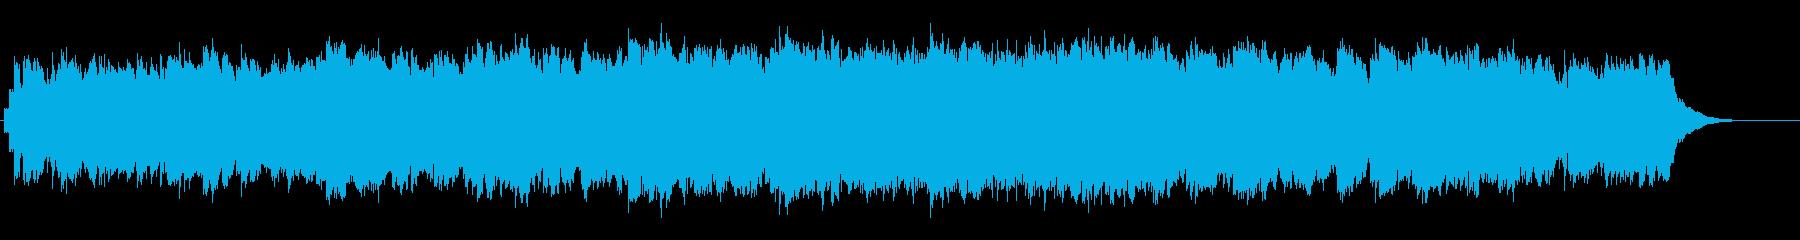 眠りを誘うヒーリングBGMの再生済みの波形